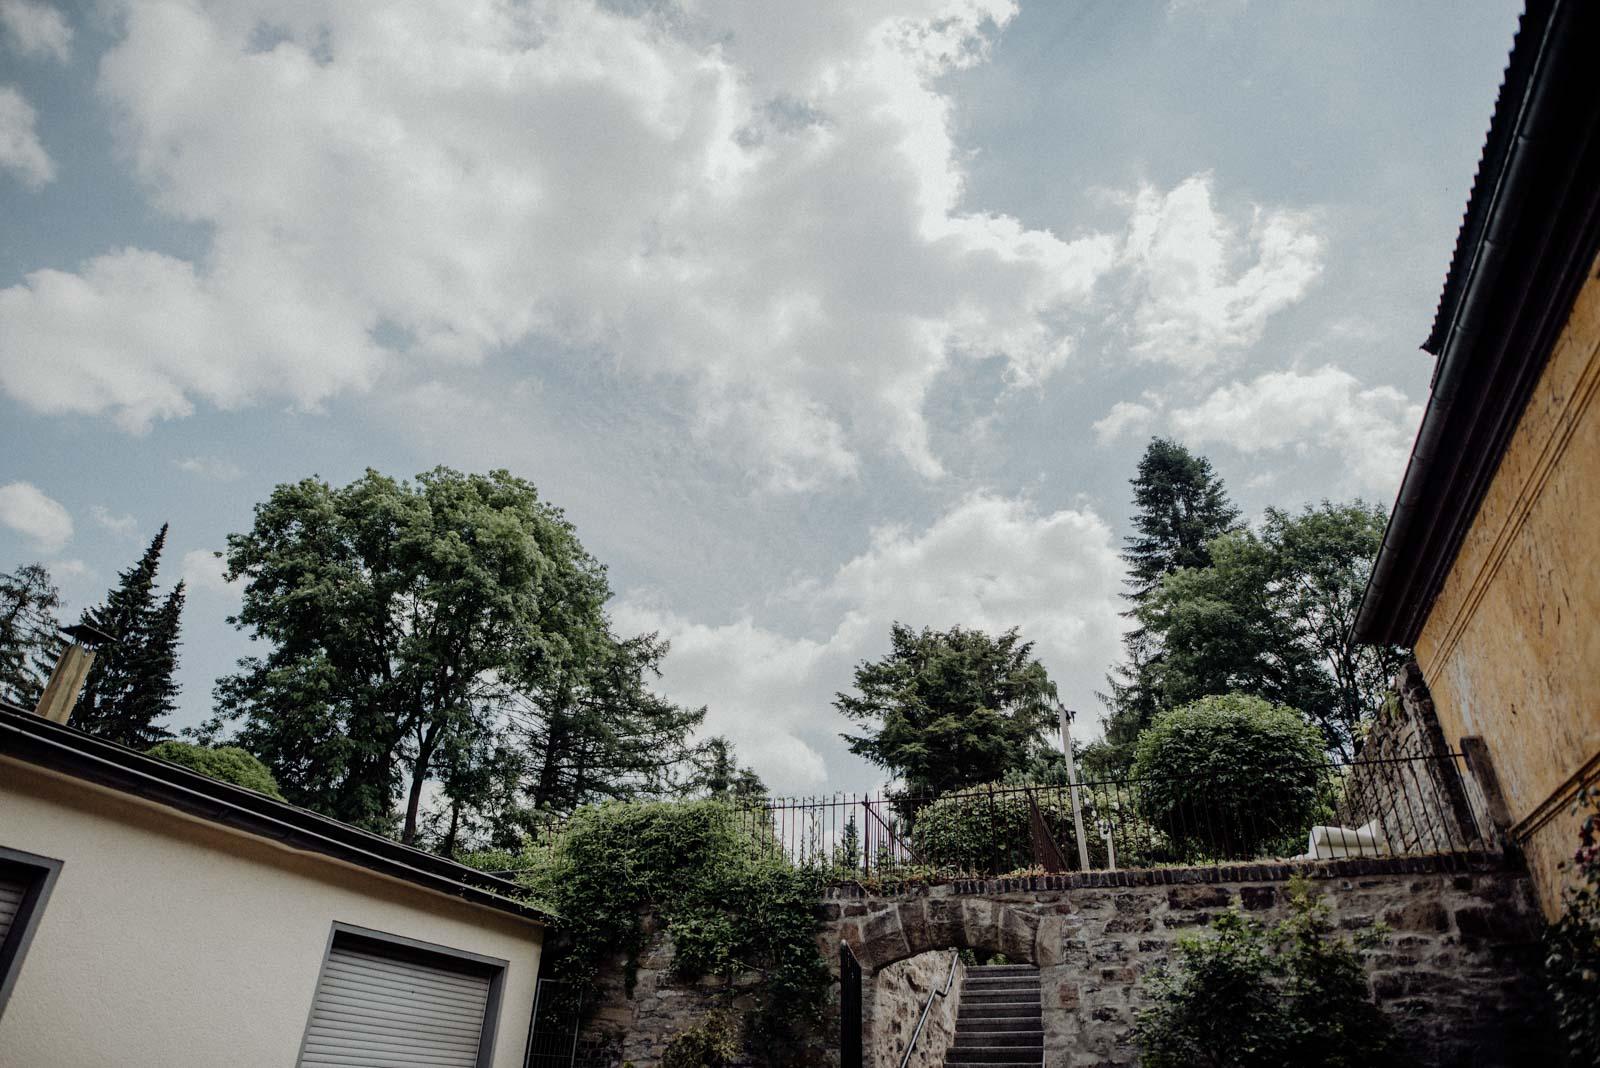 079-sommerhochzeit-gartenhochzeit-hochzeit-standesamt-haus-witten